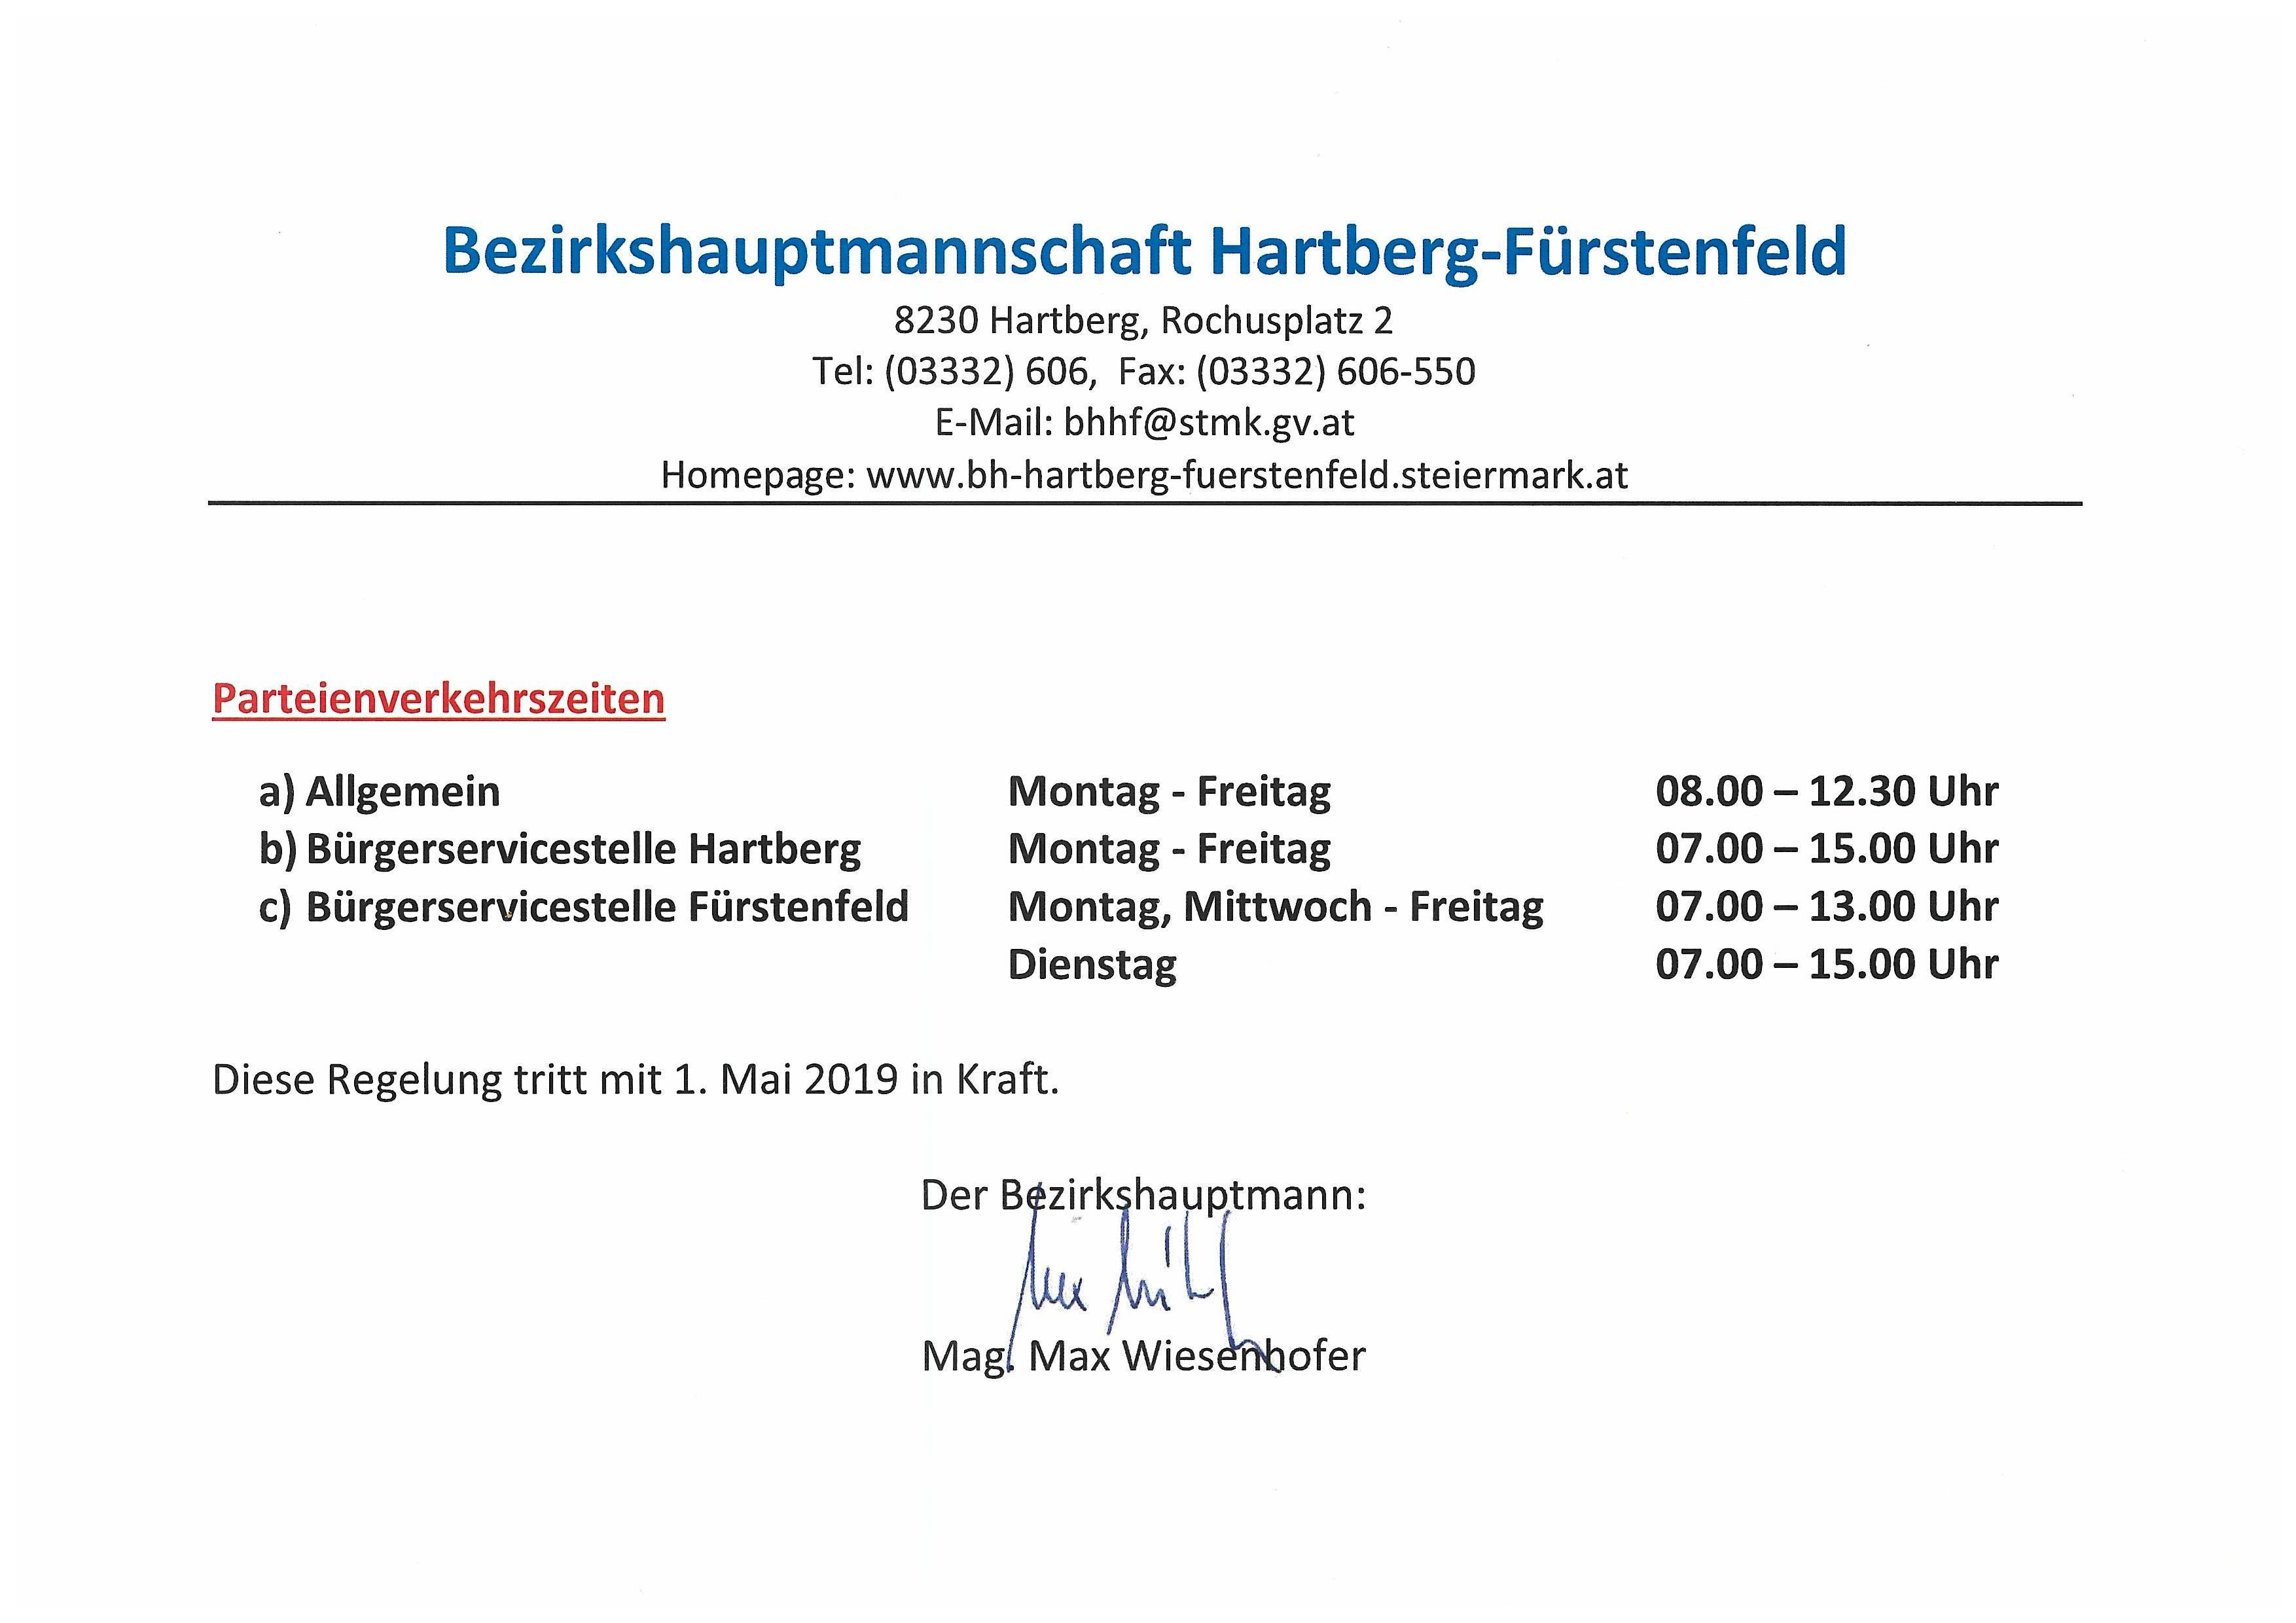 BH Hb Ff Oeffnungszeiten ab Mai 2019